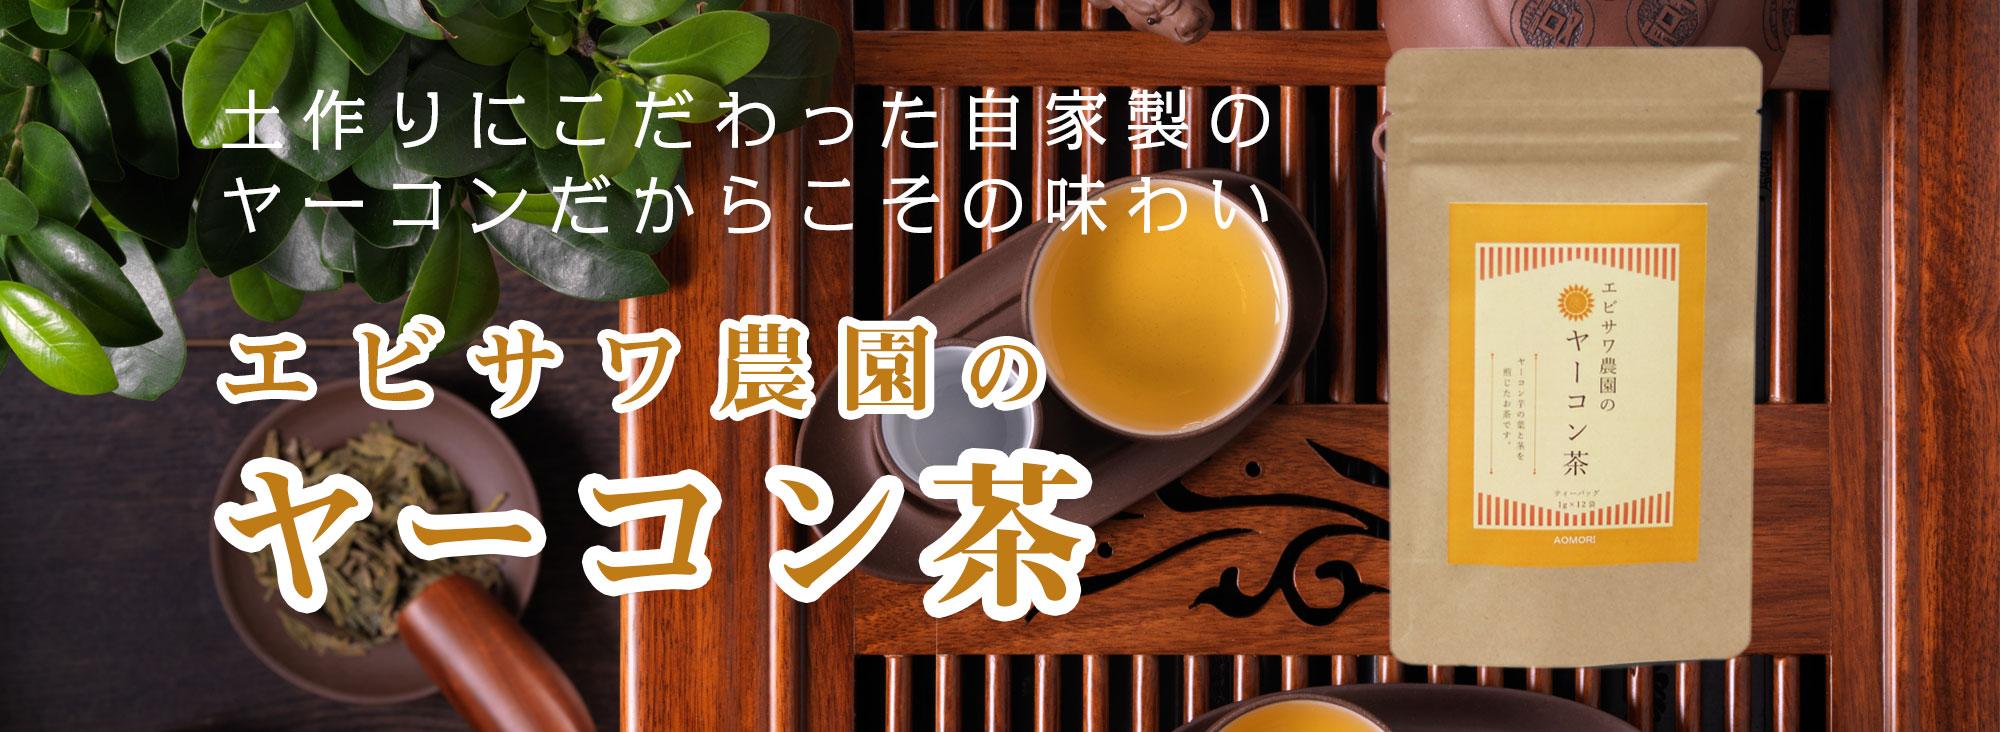 ヤーコン茶